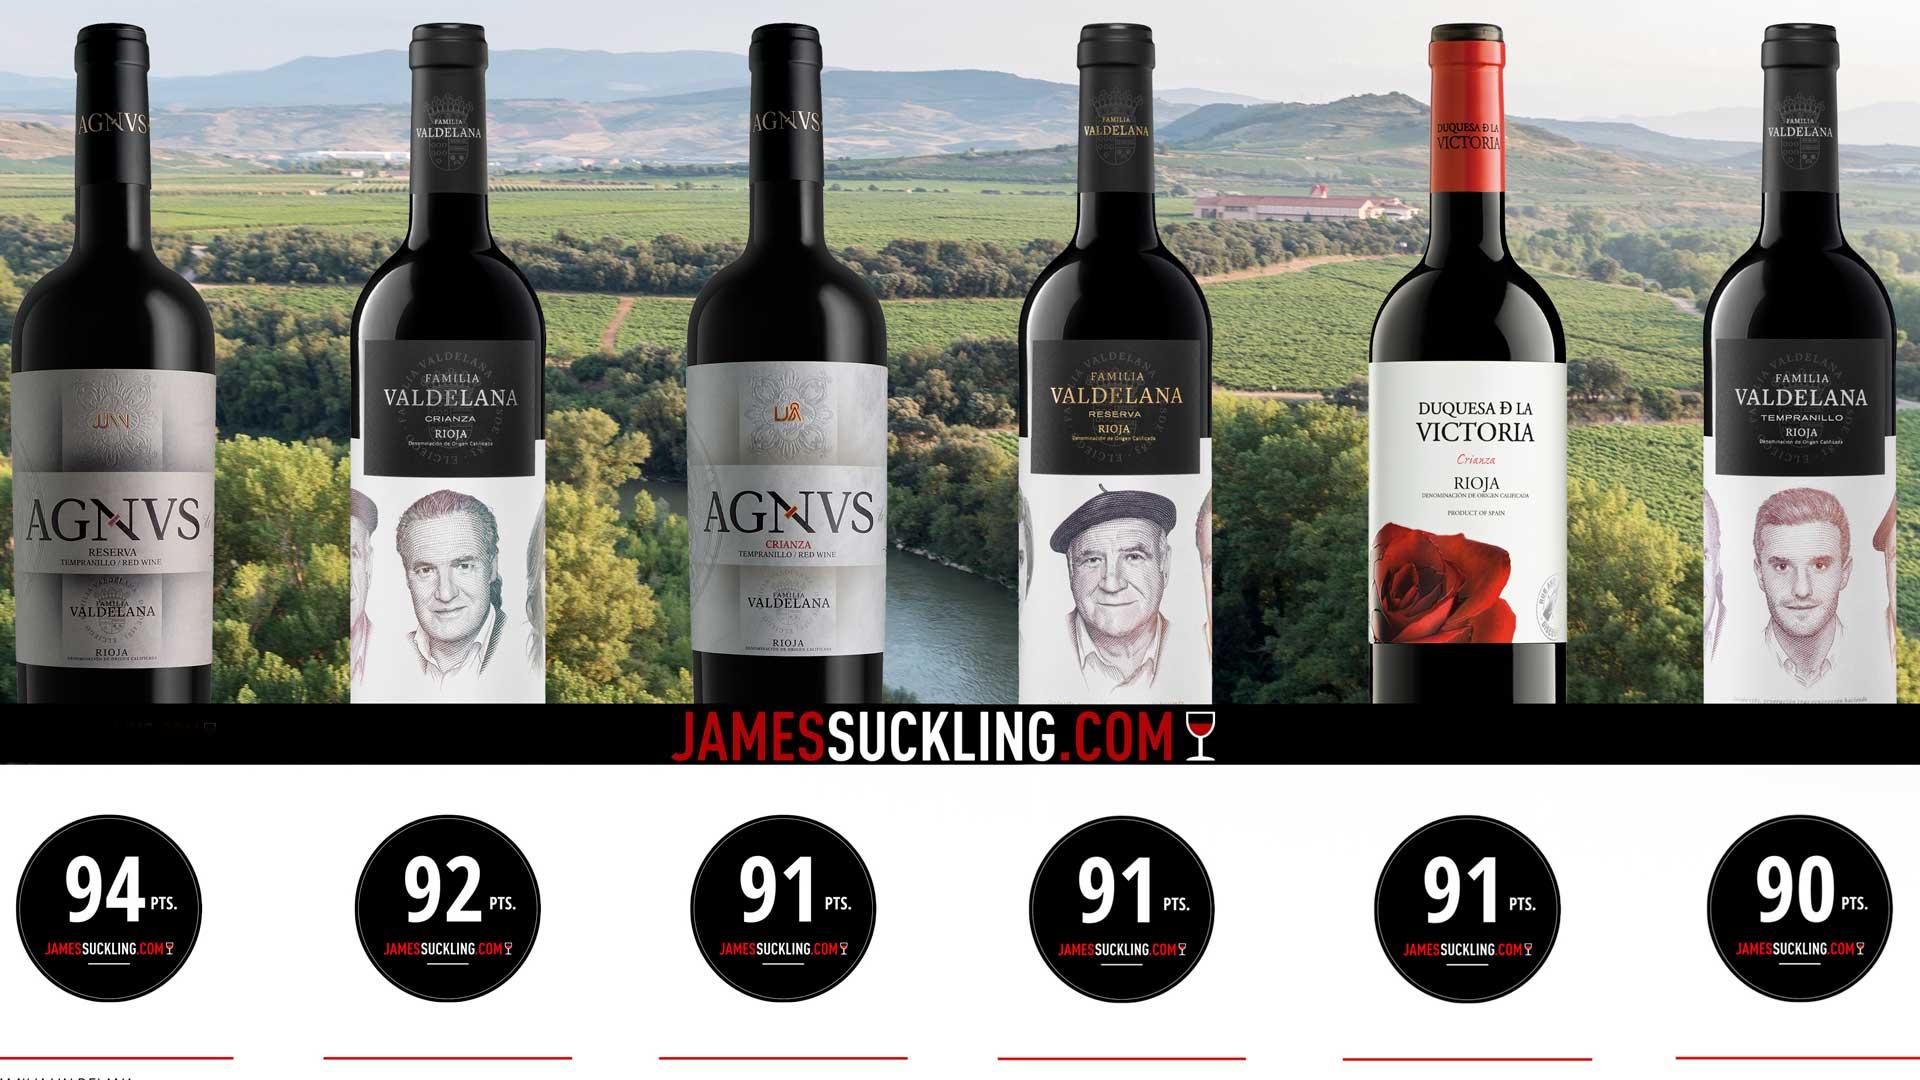 James Suckling otorga altas calificaciones a los vinos de Bodegas Valdelana